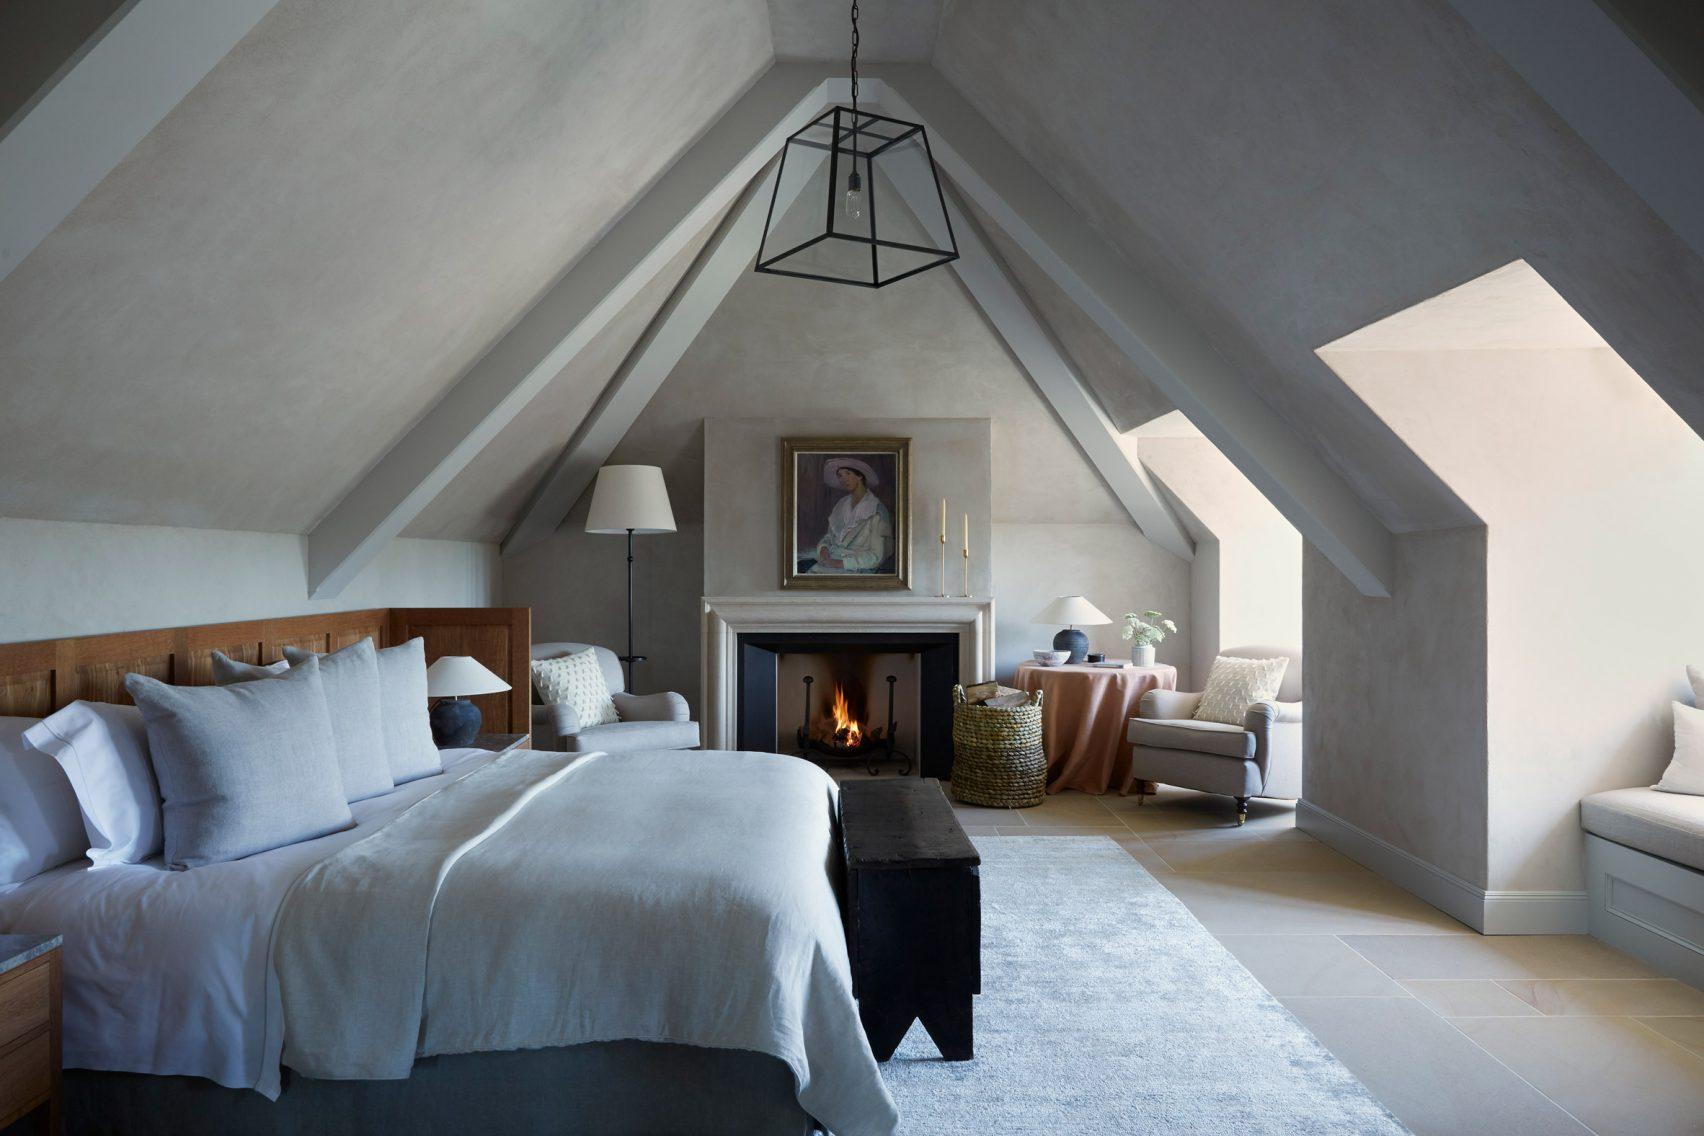 44 camere da letto per questo hotel boutique / Peter Cook